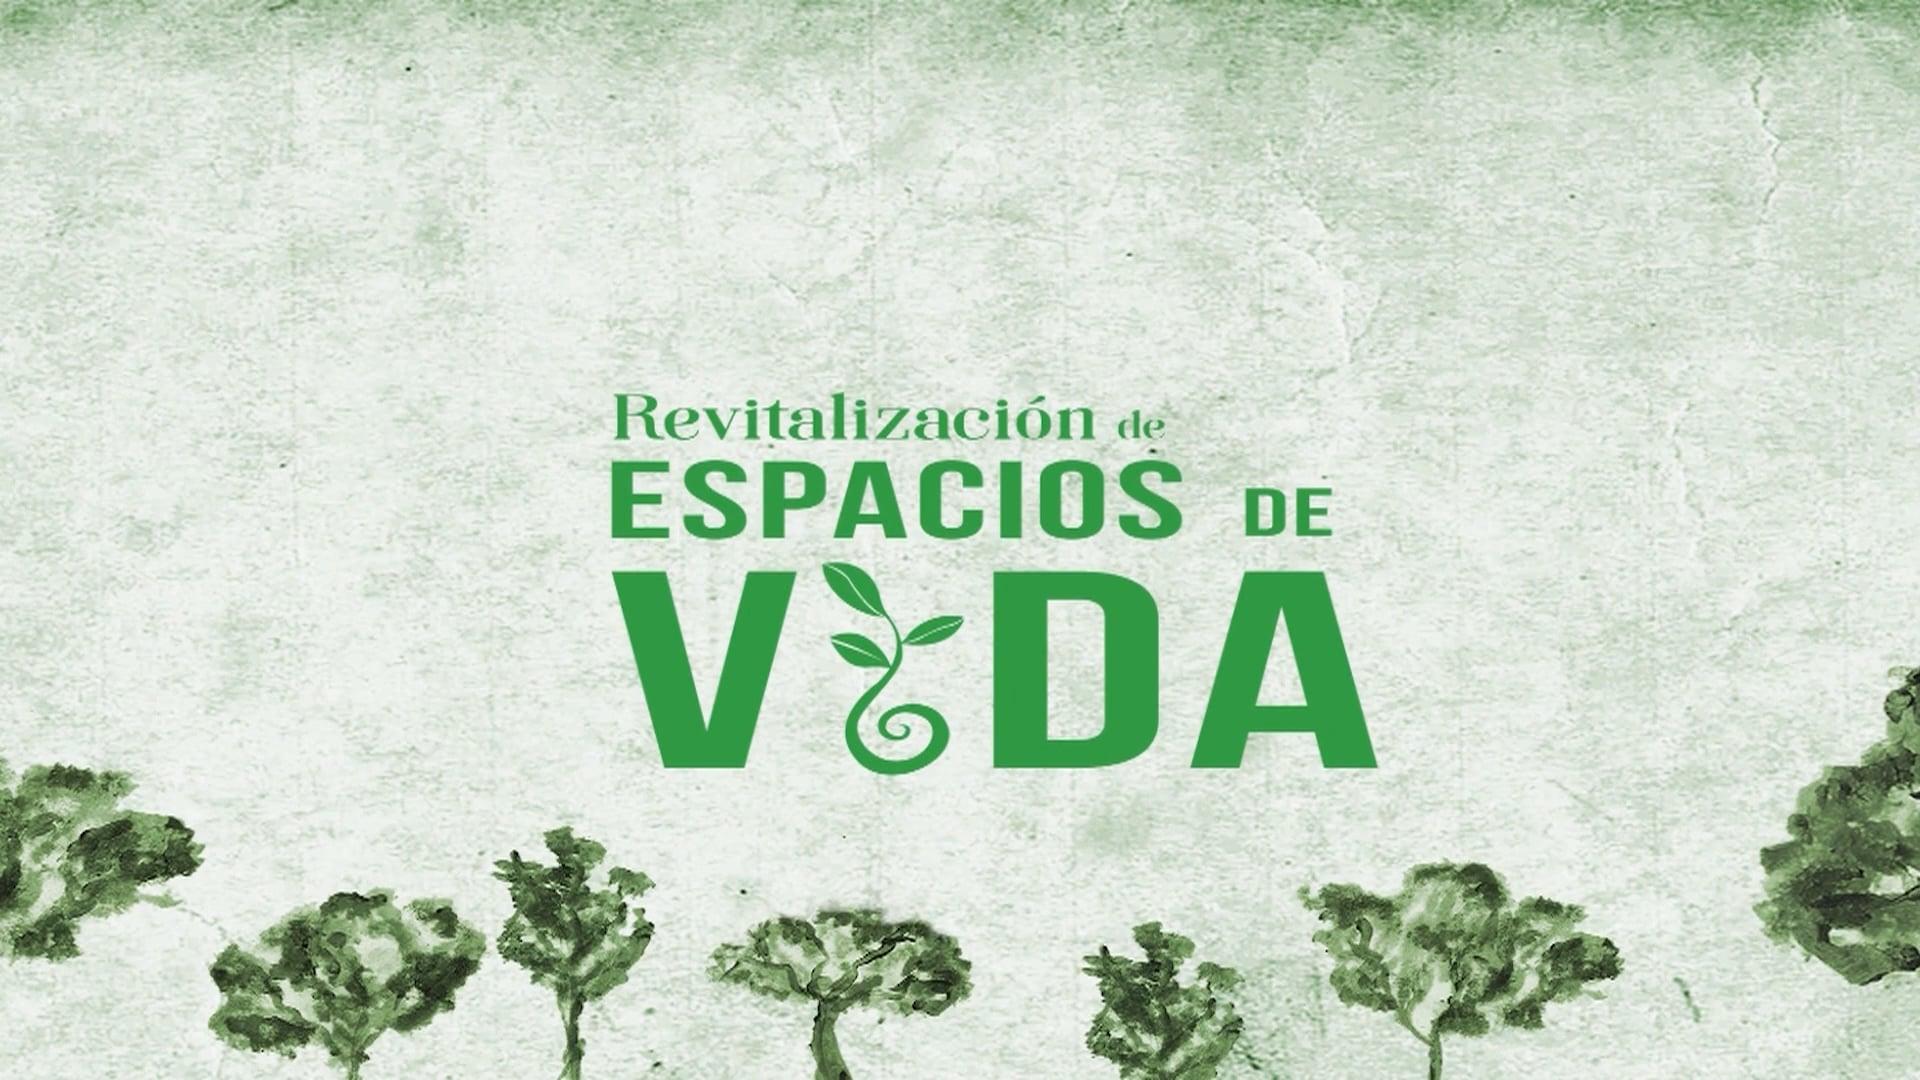 autonomias-territoriales-revitalizacion-espacios-de-vida